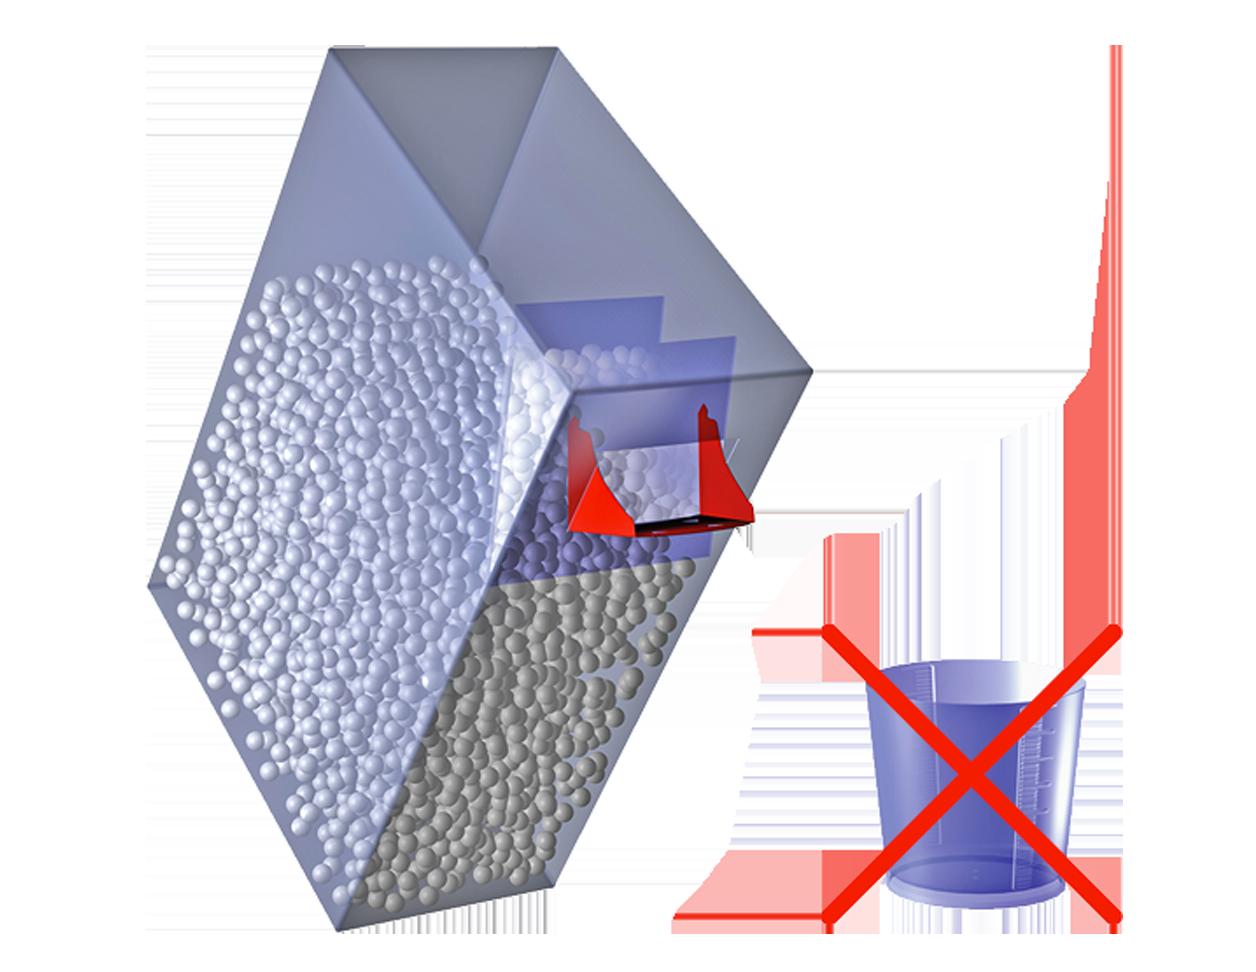 Astuccio ecologico monomateriale in cartoncino con erogatore richiudibile e misurino monodose integrato